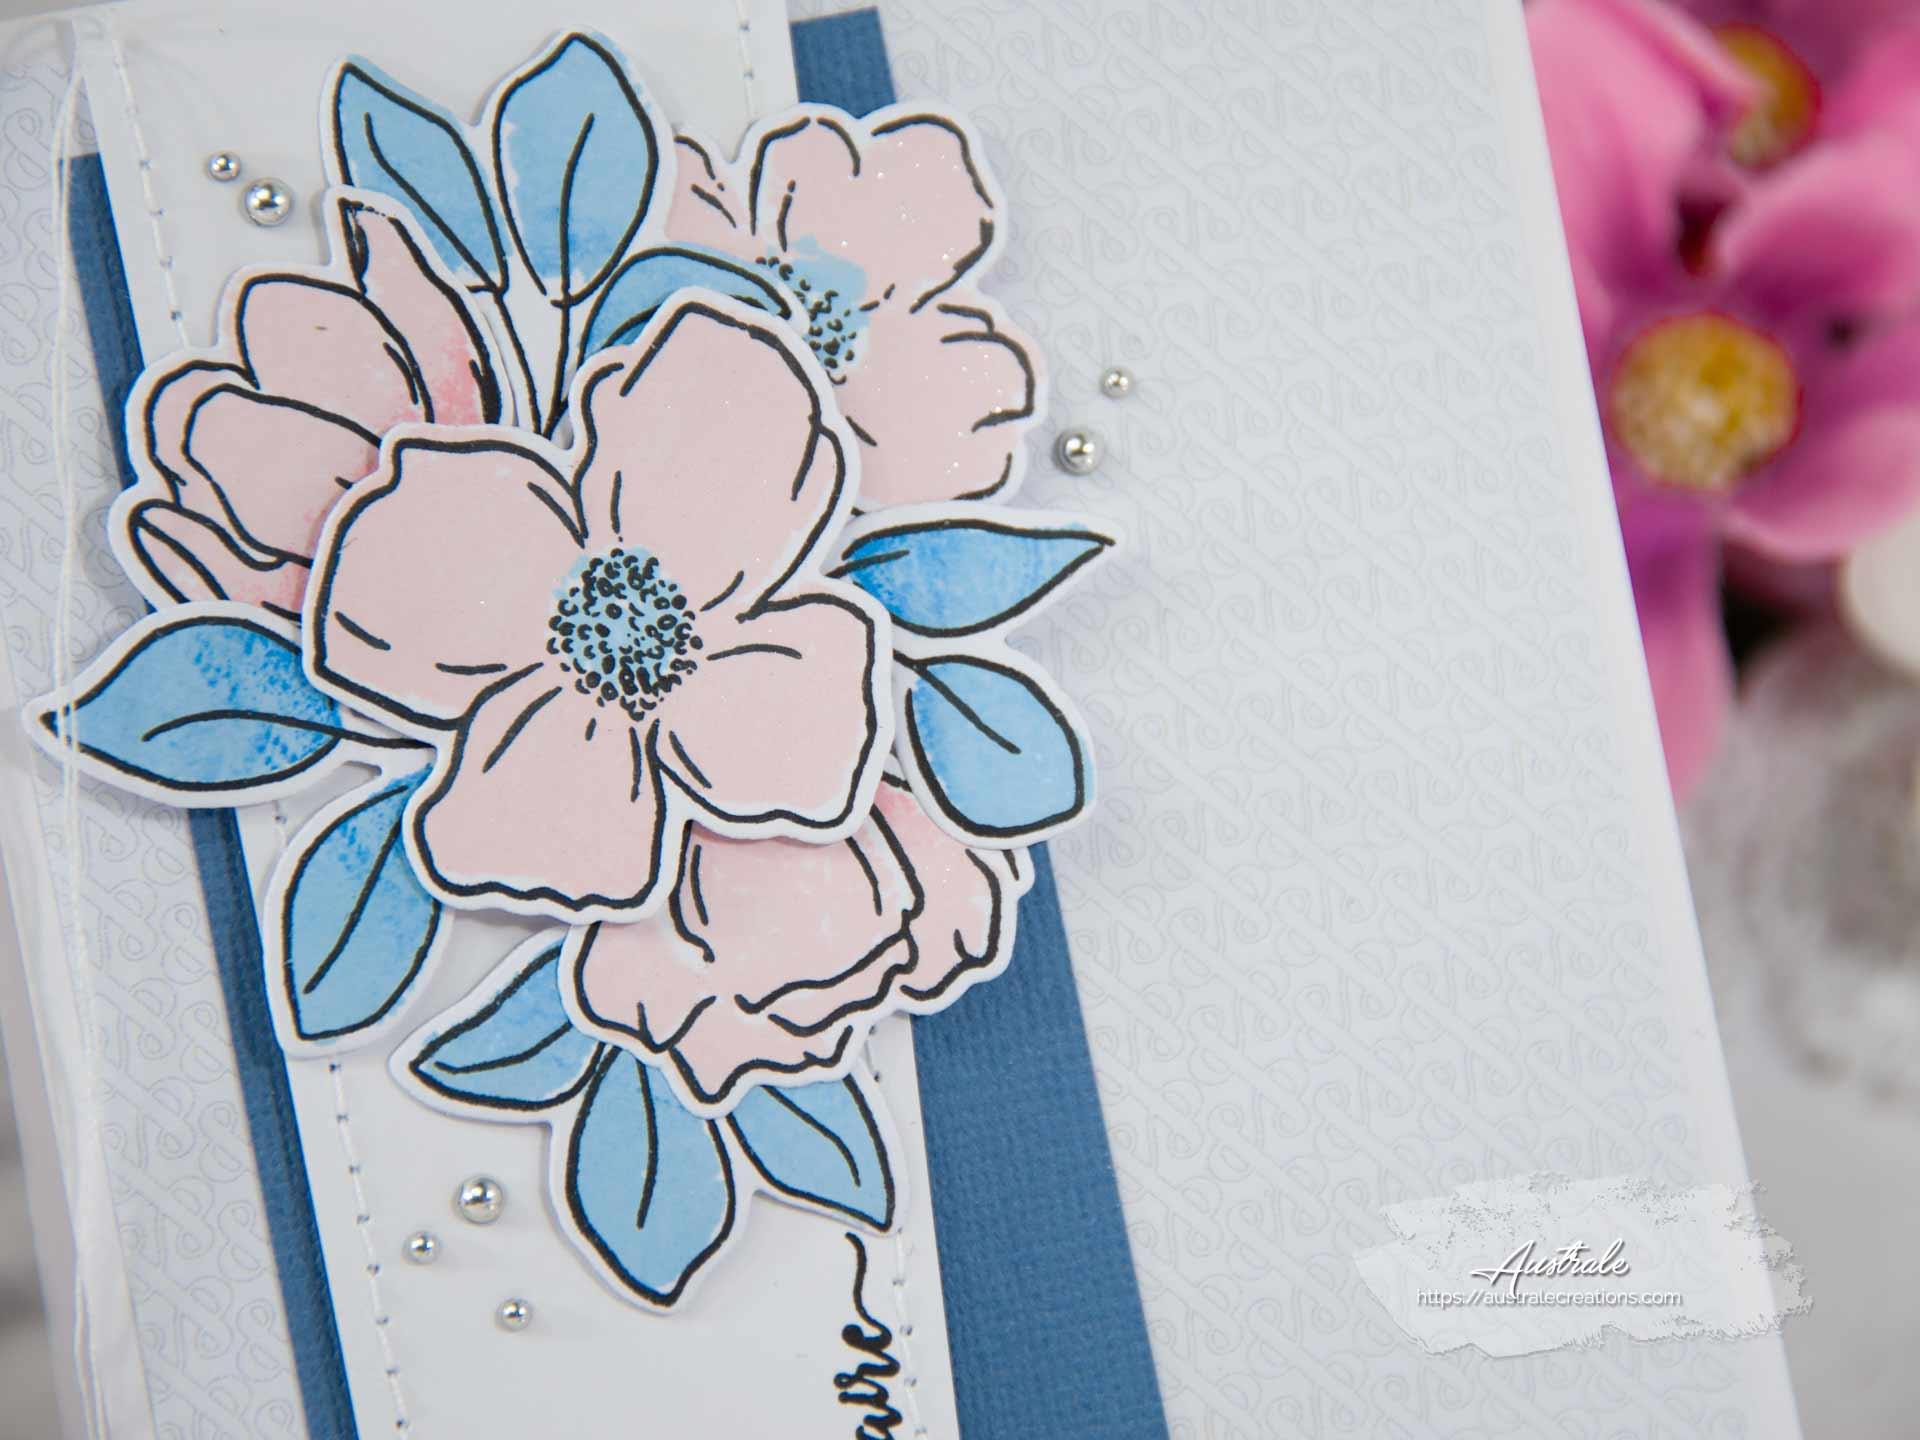 Création d'une carte d'anniversaire en rose, bleu et gris avec fleurs, feuillages et papier esperluettes.